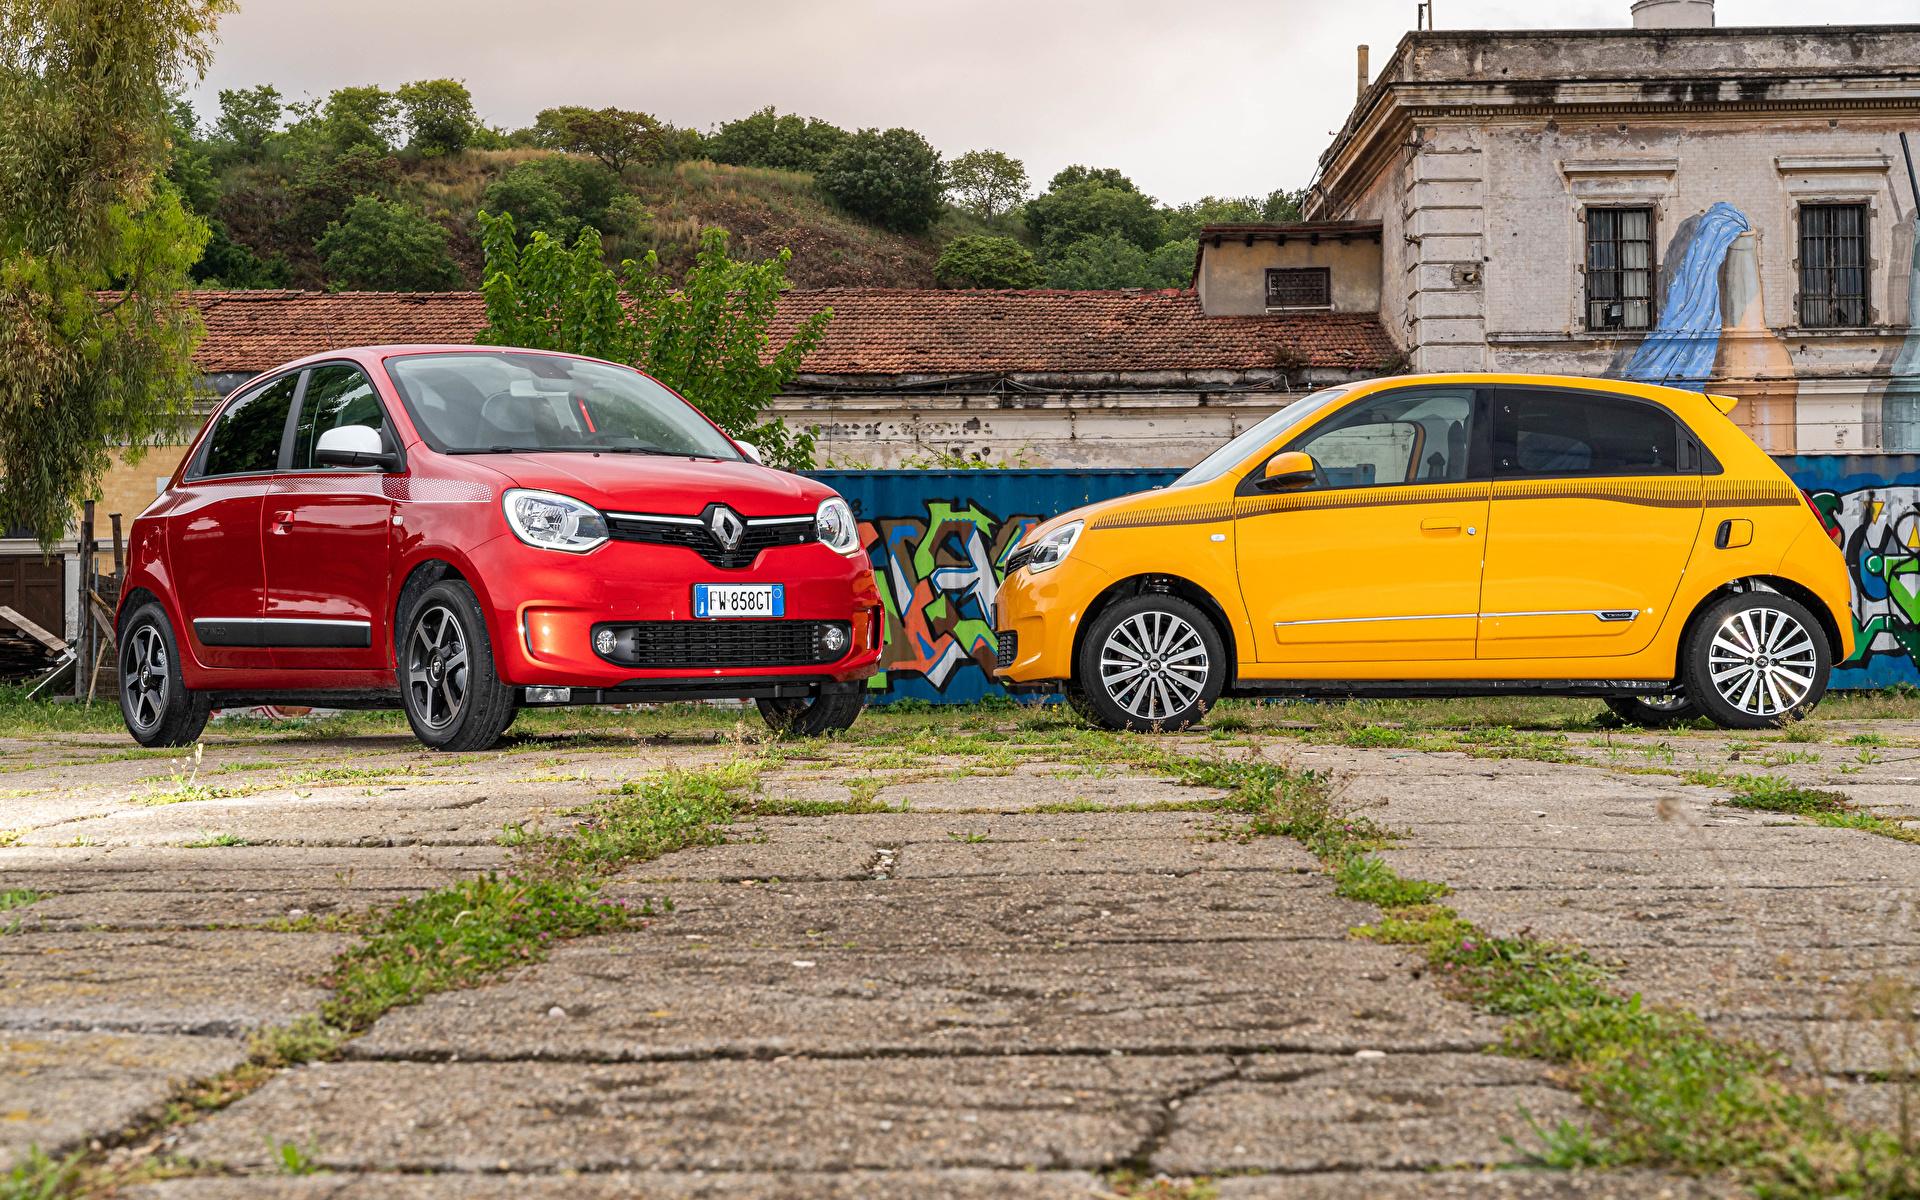 Фотографии Renault 2019-20 Twingo Worldwide два Автомобили 1920x1200 Рено 2 две Двое вдвоем авто машины машина автомобиль